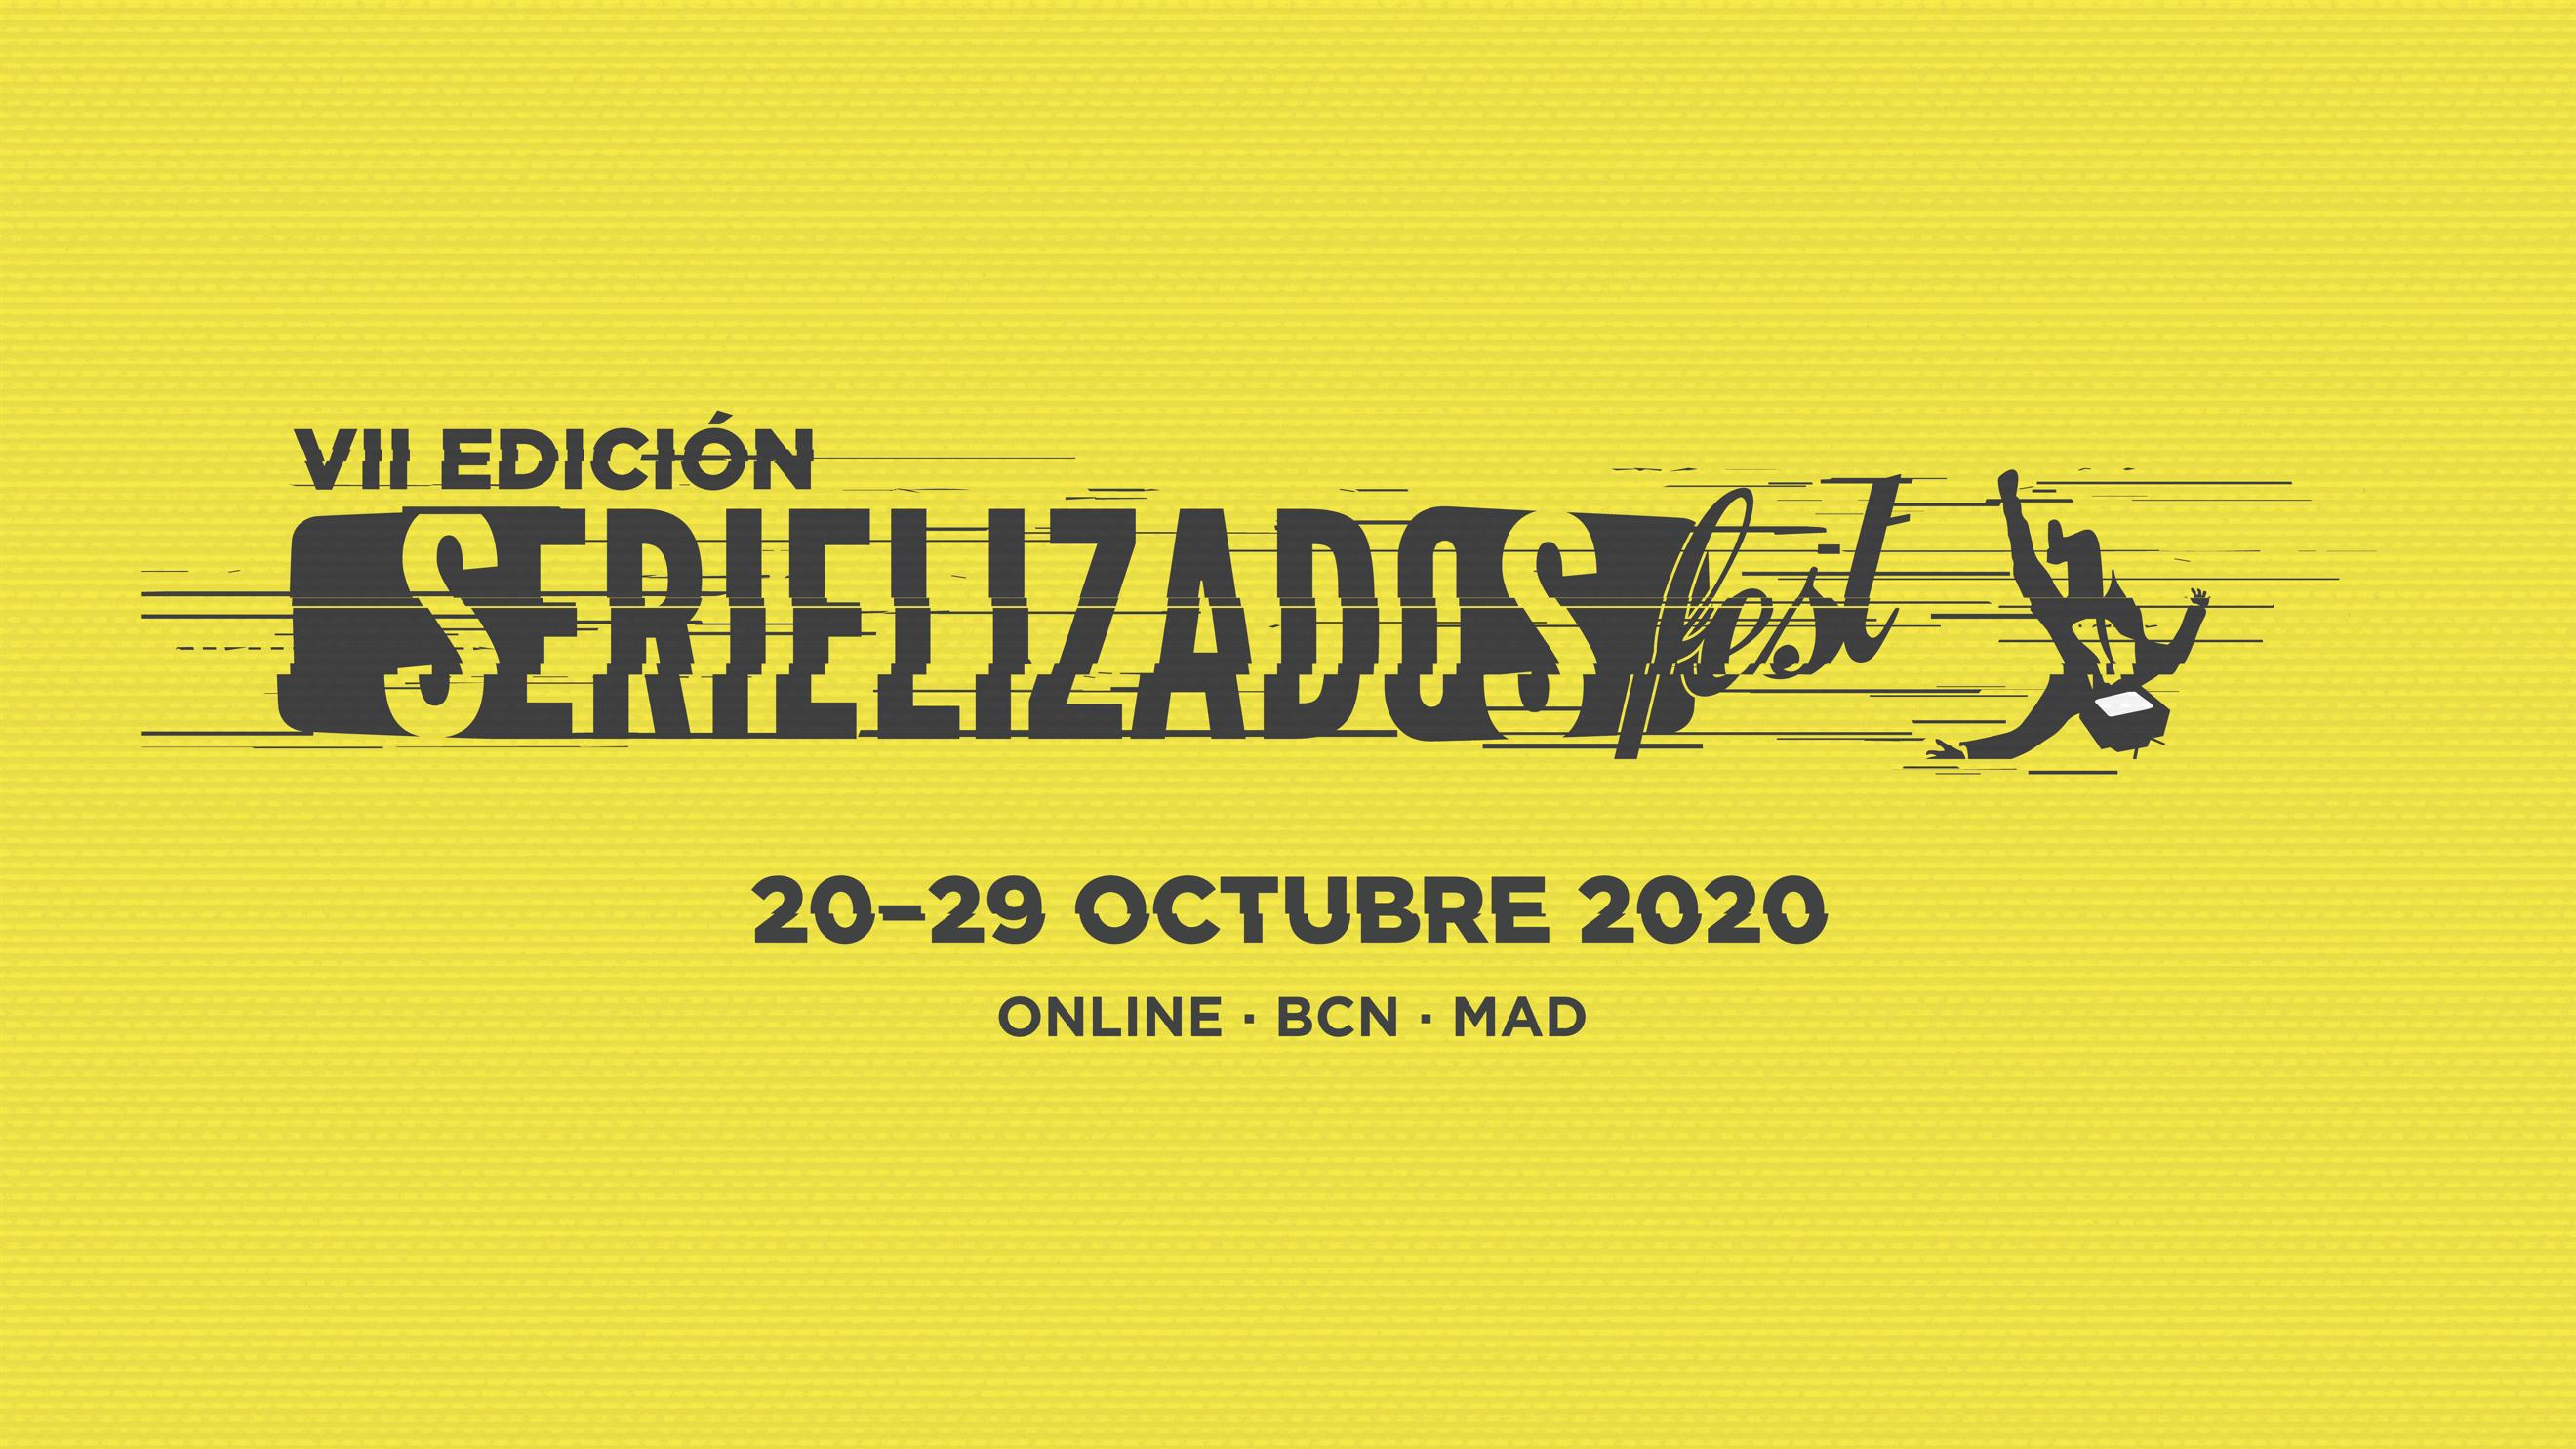 Serielizados: Fins el 29 d'octubre . Totes les activitats